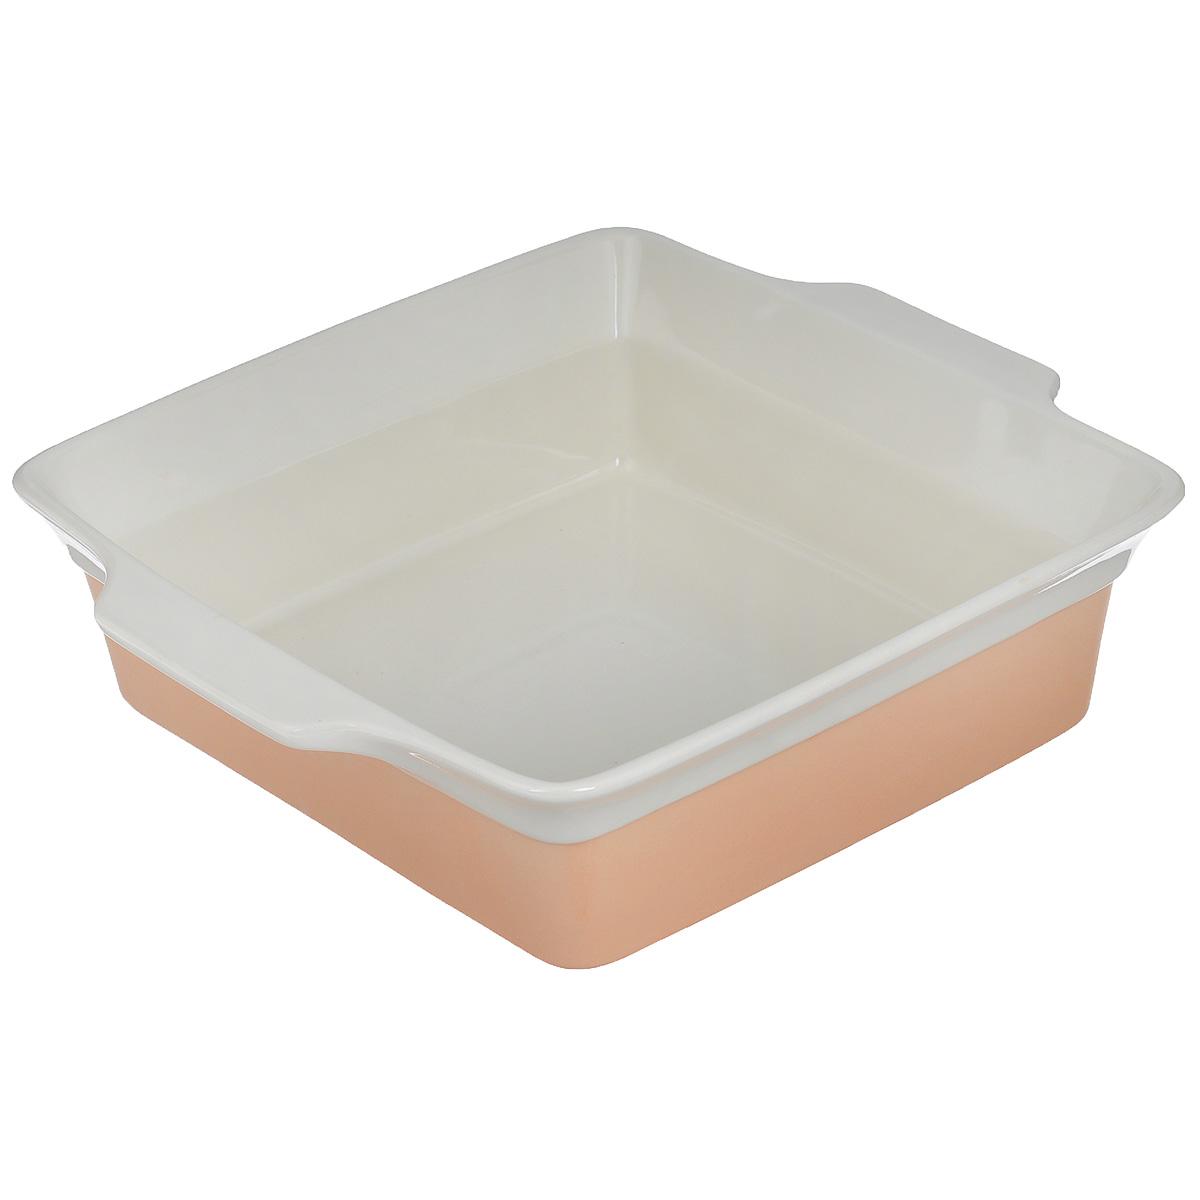 Форма для выпечки Mayer & Boch, прямоугольная, цвет: персиковый, бежевый, 3,4 л21817Прямоугольная форма для выпечки Mayer & Boch изготовленная из жаропрочной керамики, подходит для любого вида пищи. Элегантный дизайн идеально подходит для современного дома. Изделия из керамики идеально подходят как для приготовления пищи, так и для подачи на стол. Материал не содержит свинца и кадмия. С такой формой вы всегда сможете порадовать своих близких оригинальным блюдом. Кастрюлю можно использовать на газовой, электрической плите и в микроволновой печи. Можно мыть в посудомоечной машине.